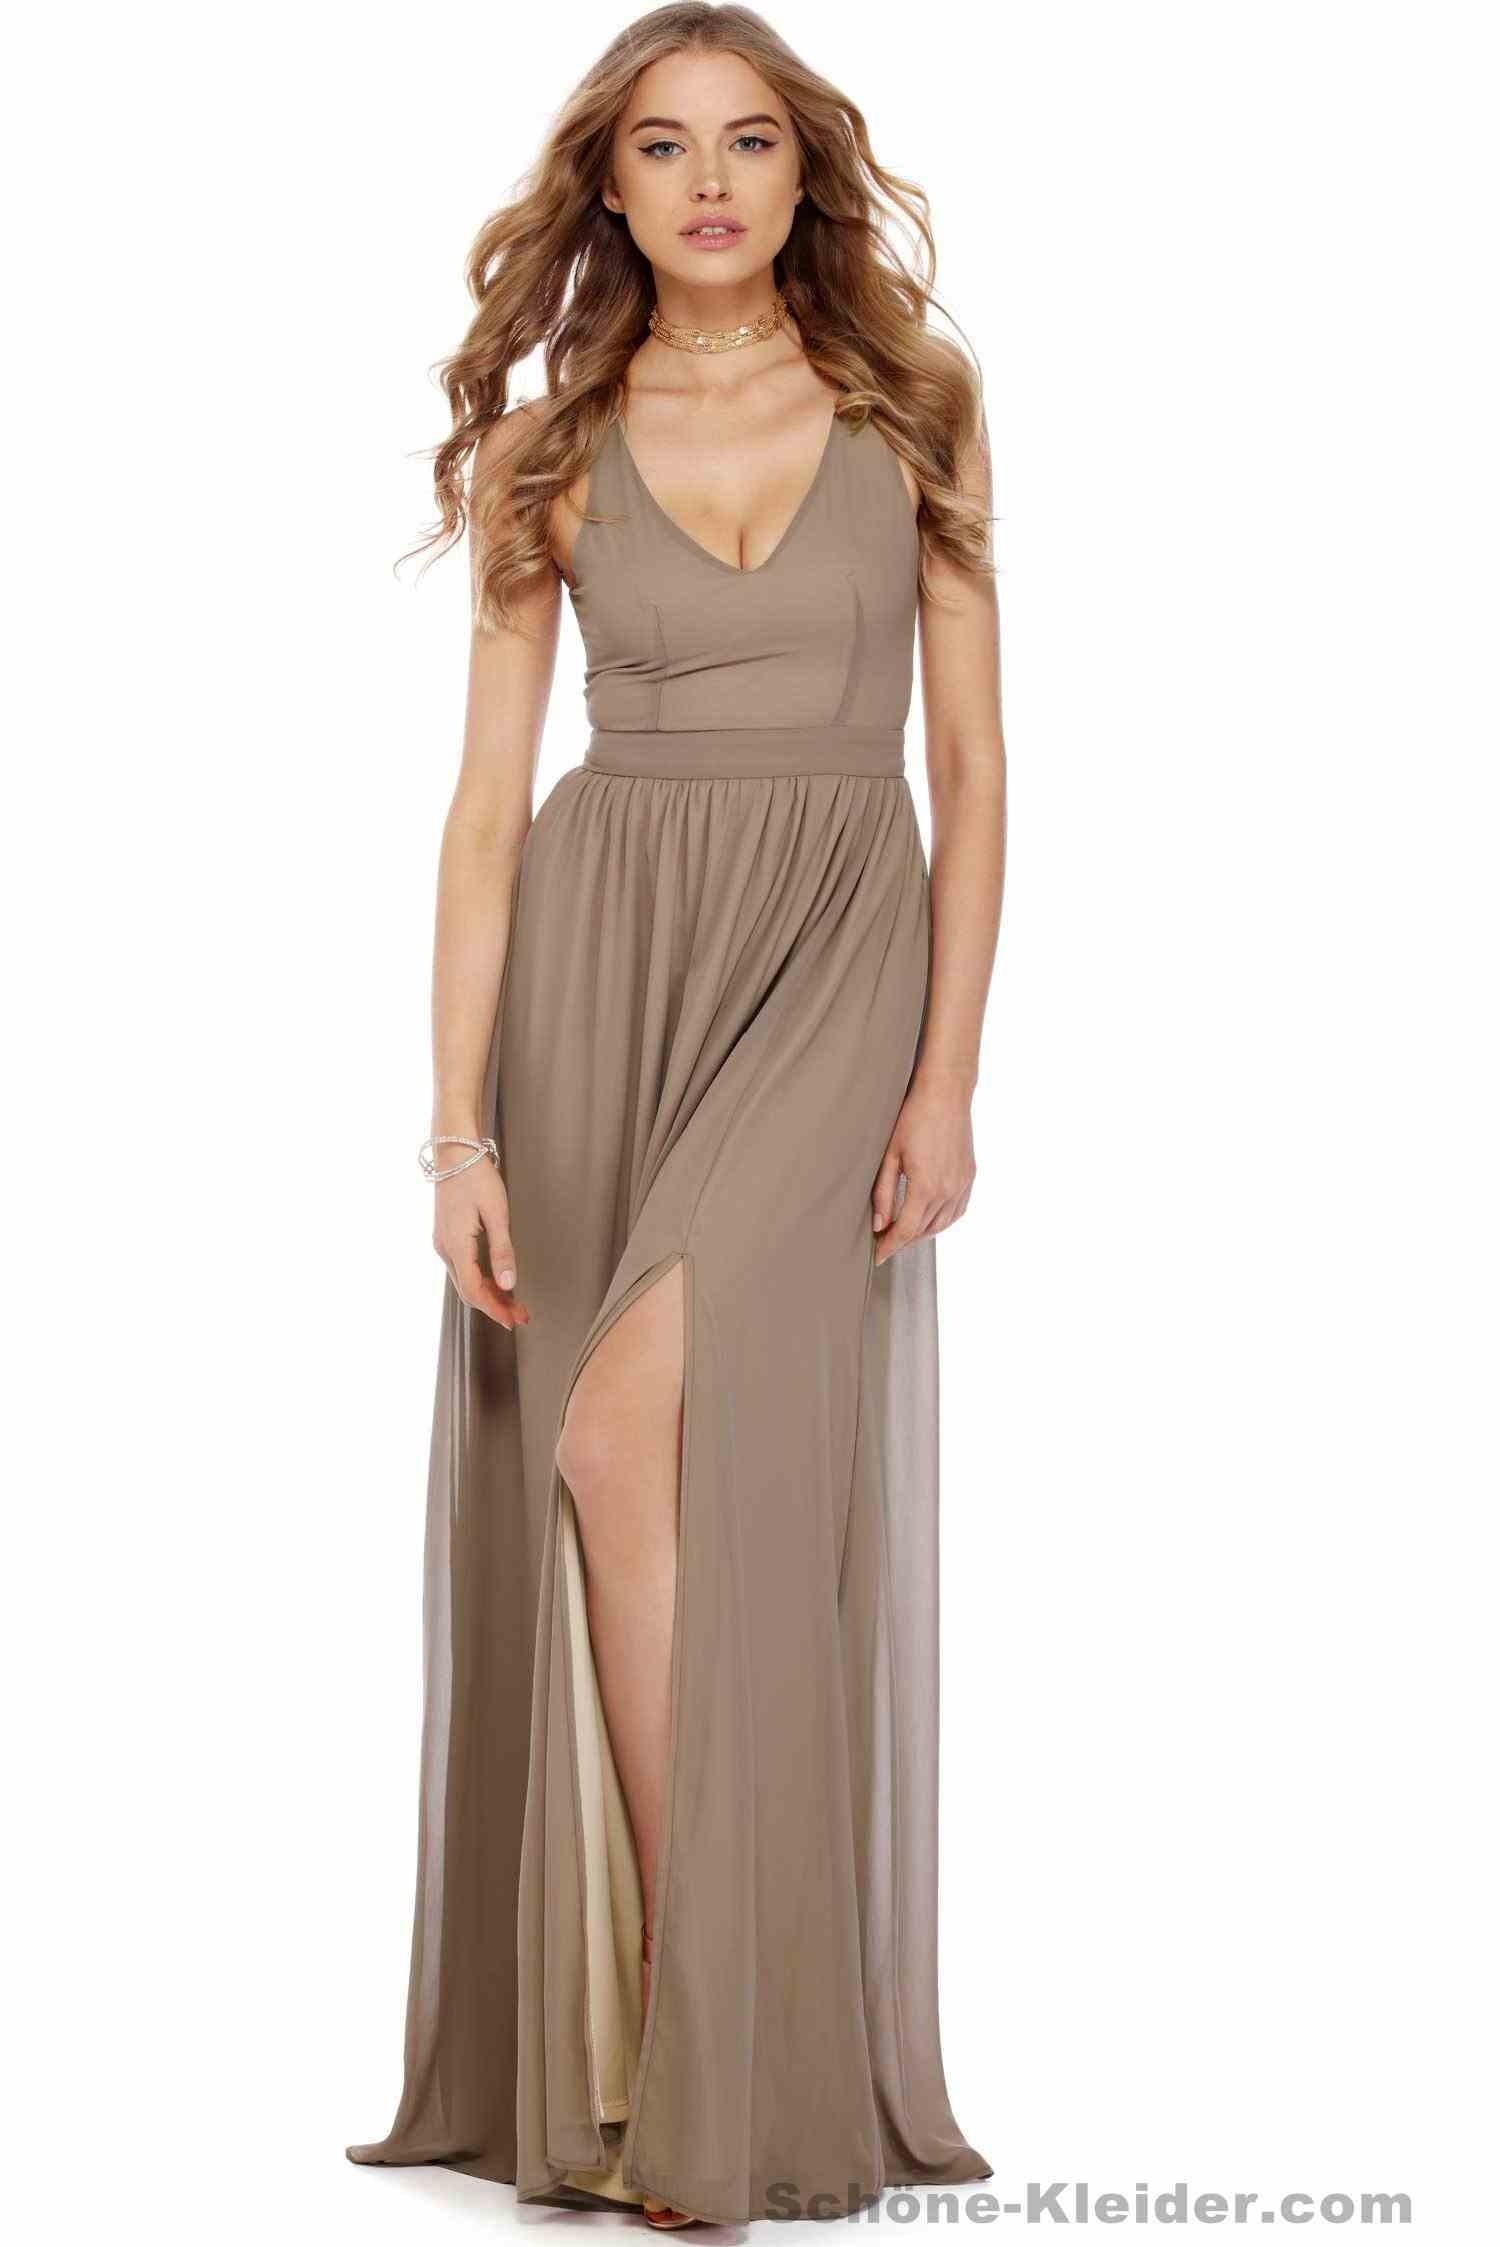 Abend Leicht Schöne Kleider Lang ÄrmelDesigner Einfach Schöne Kleider Lang Spezialgebiet